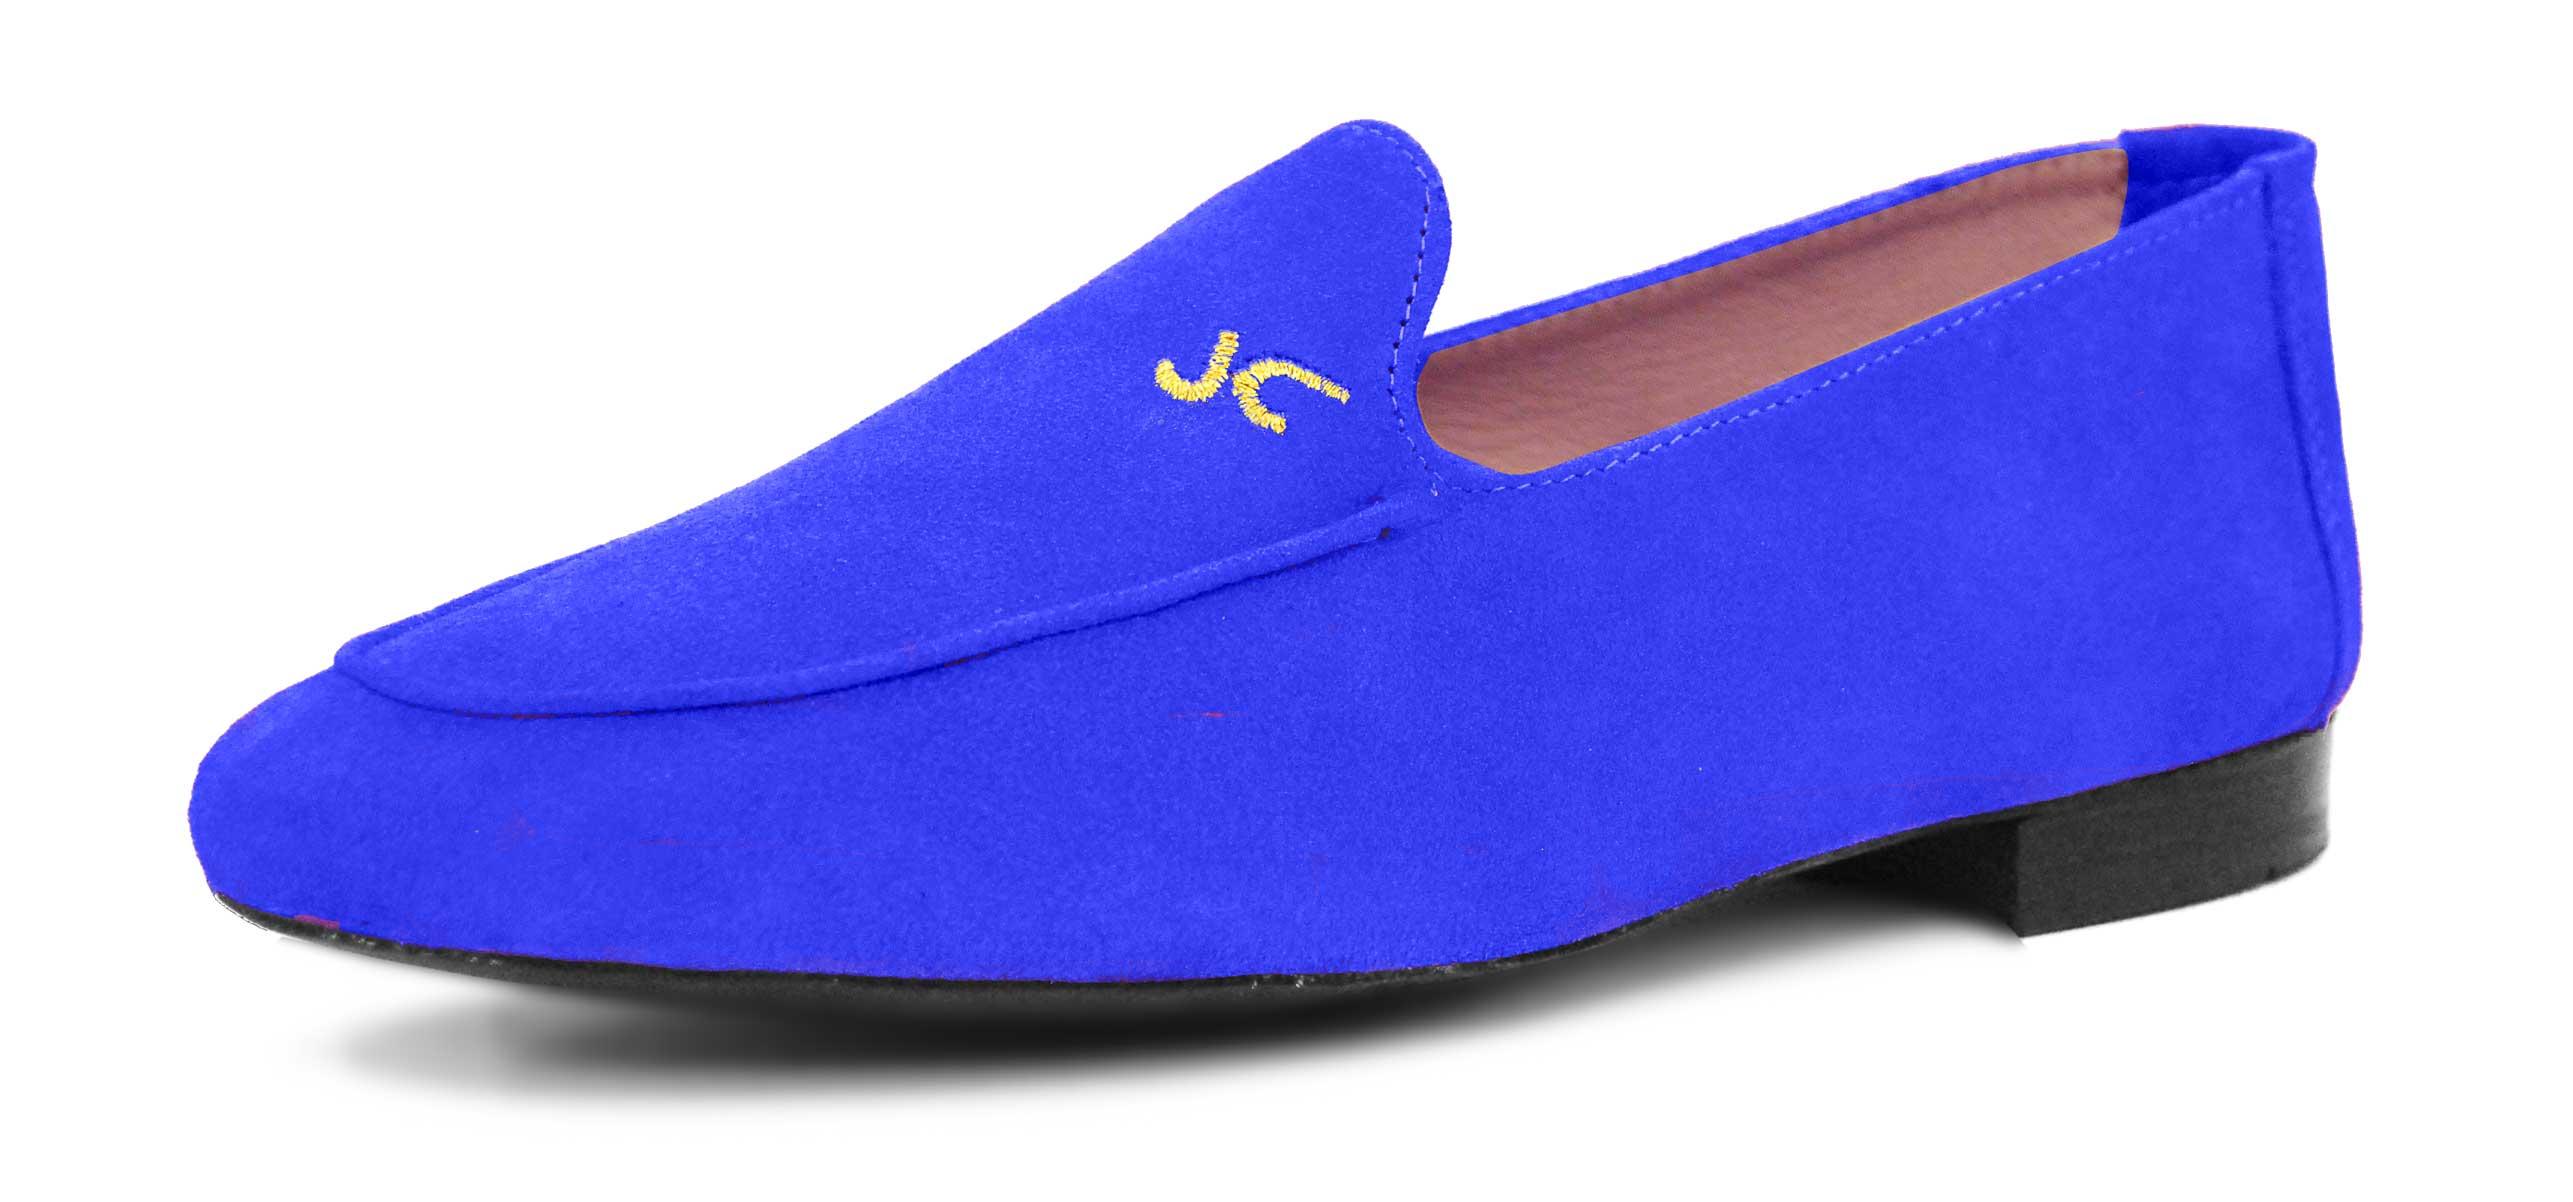 Foto 4 de Zapatos Julio Iglesias Mocasin Azulon Ante